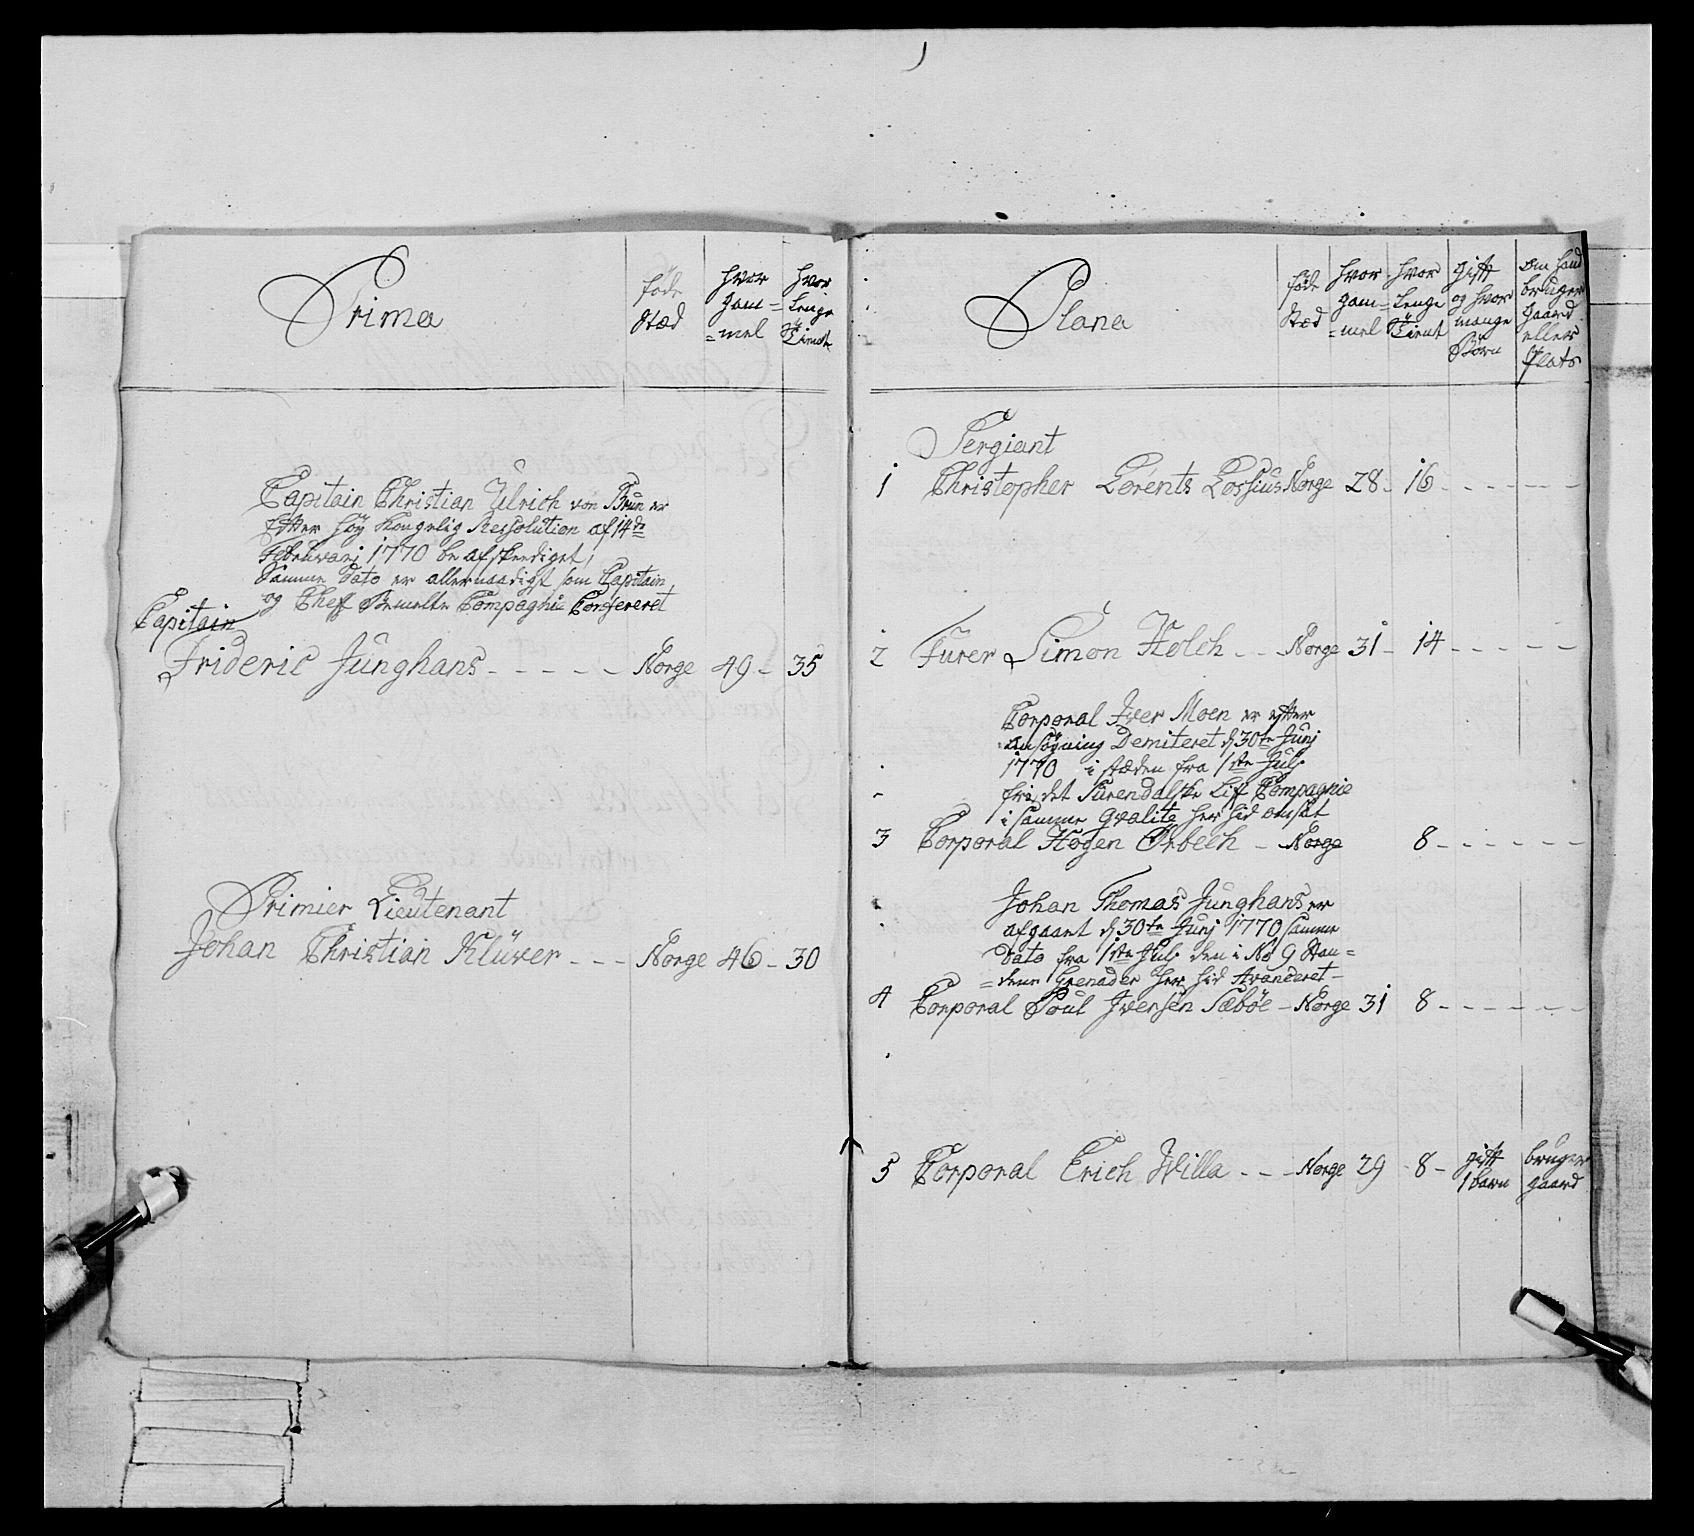 RA, Generalitets- og kommissariatskollegiet, Det kongelige norske kommissariatskollegium, E/Eh/L0076: 2. Trondheimske nasjonale infanteriregiment, 1766-1773, s. 510